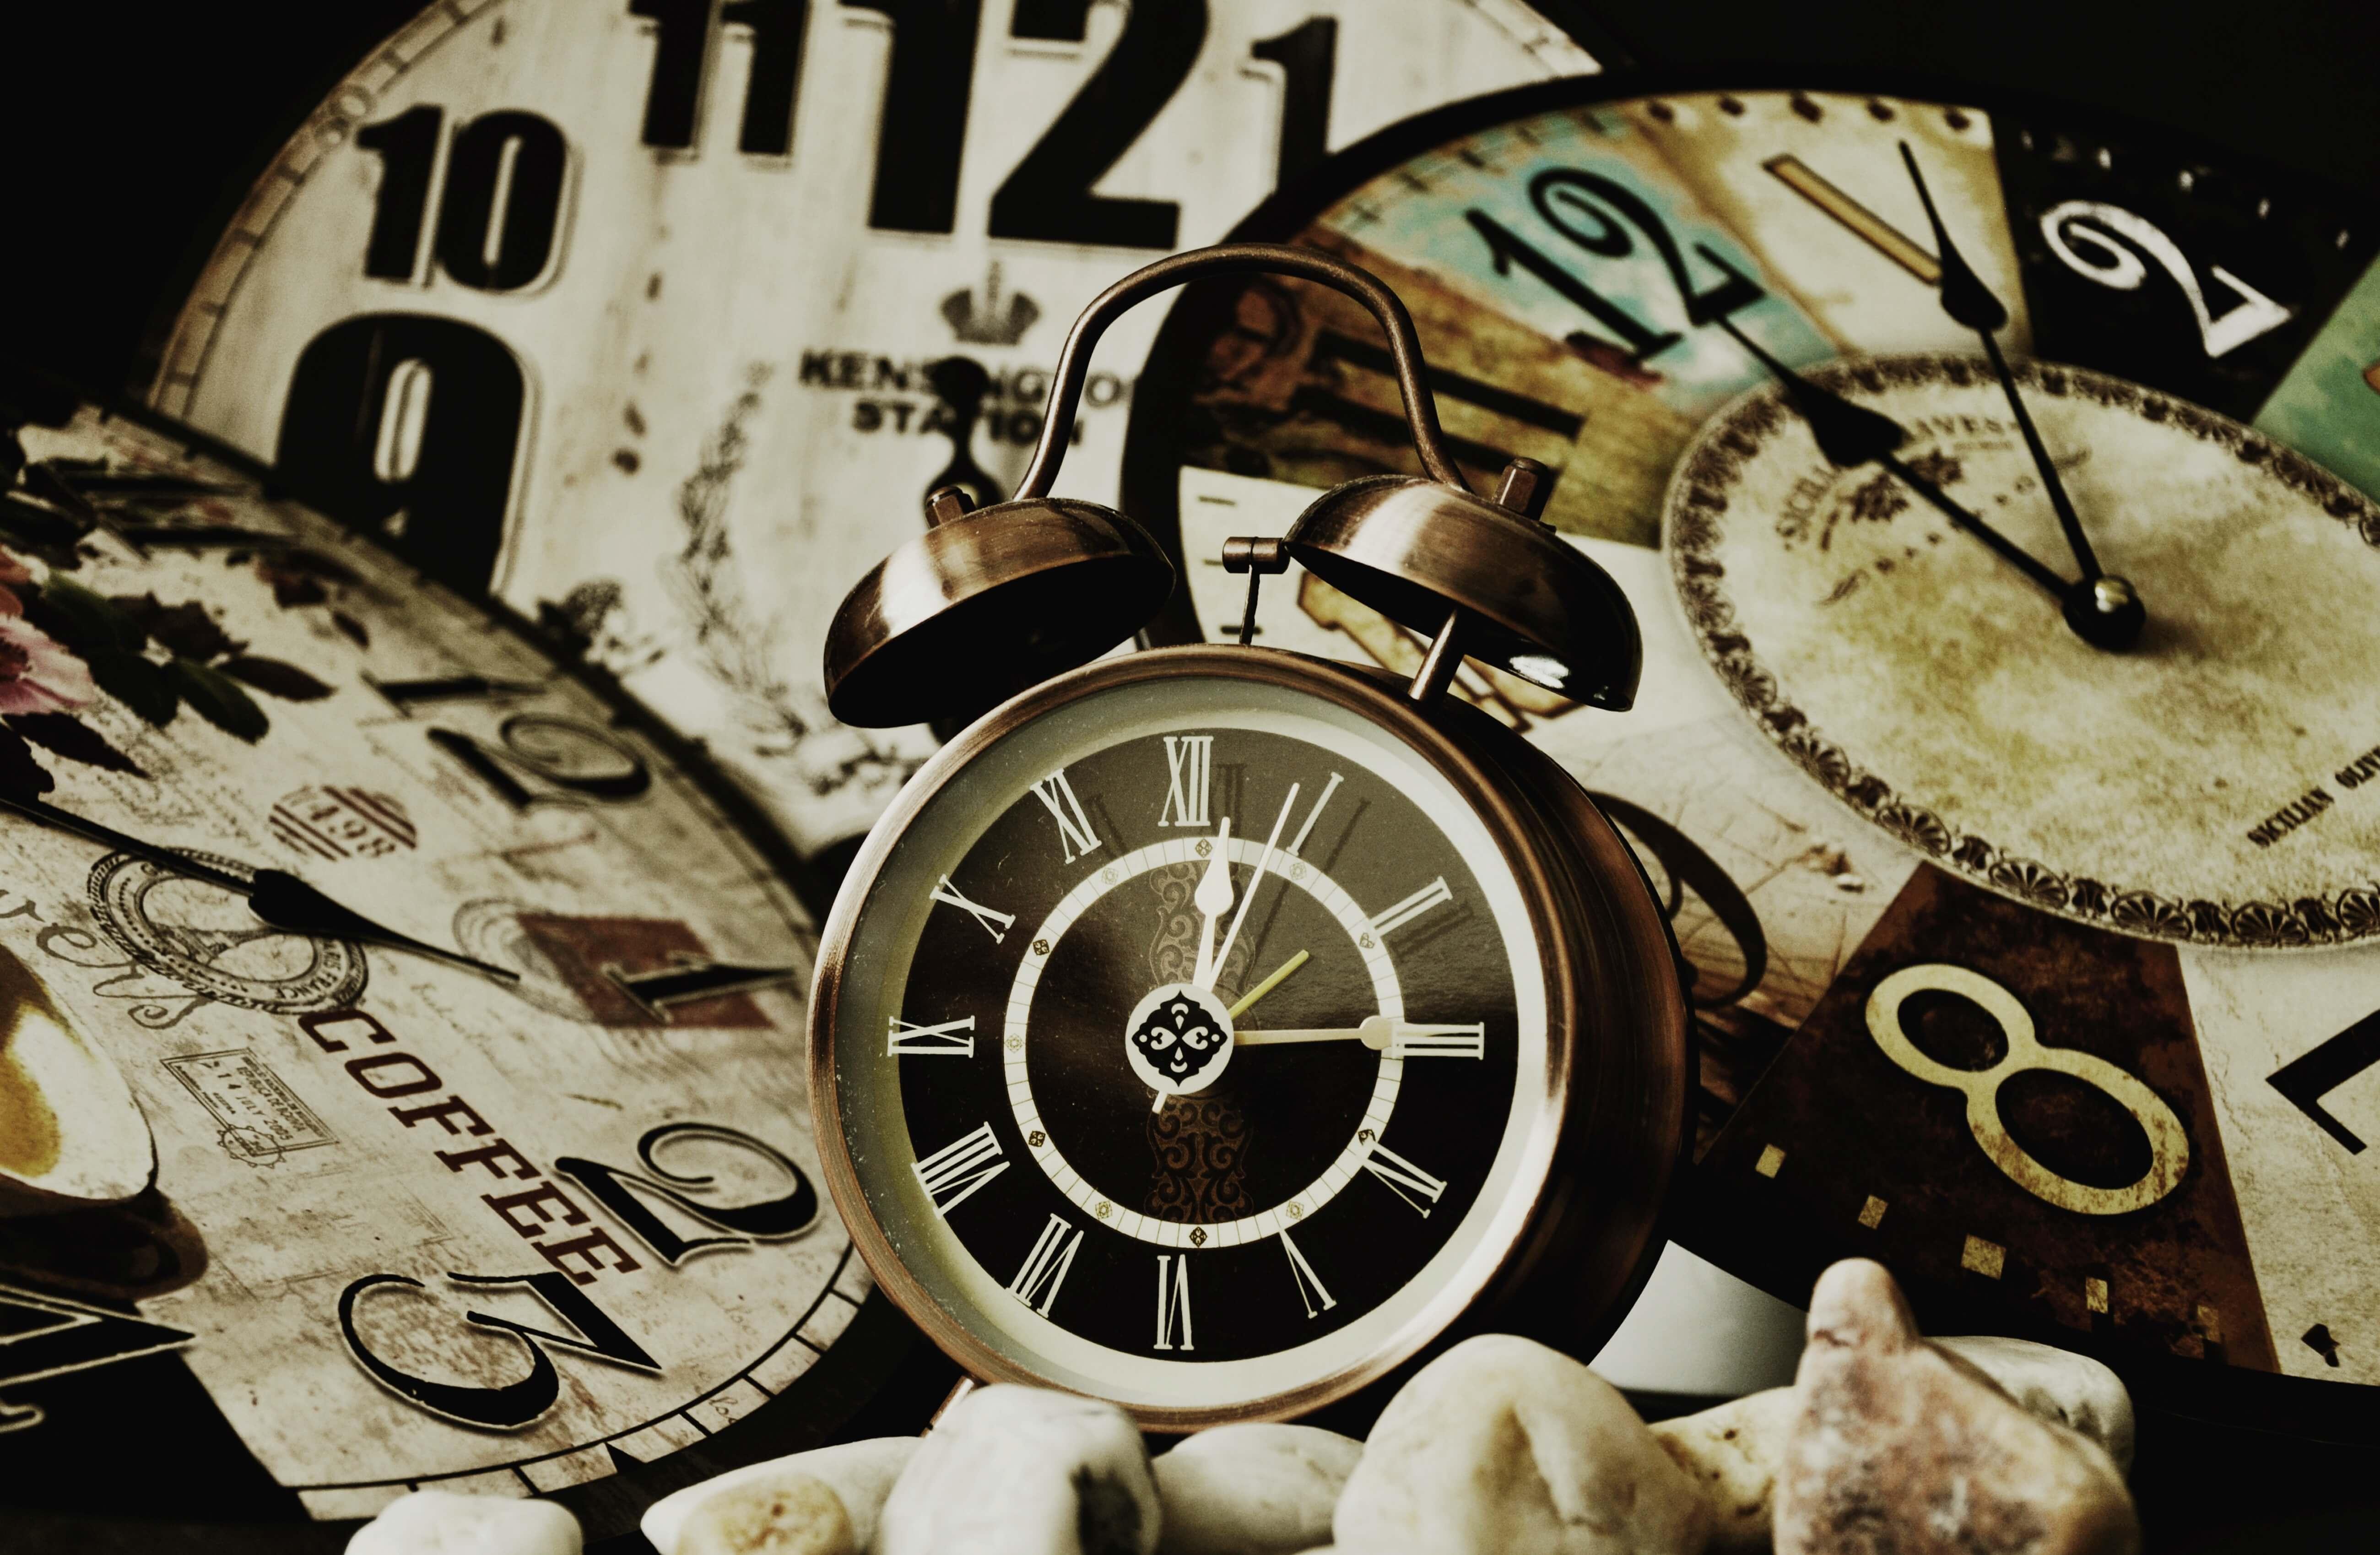 Арт. J97 - Время - Старые часы